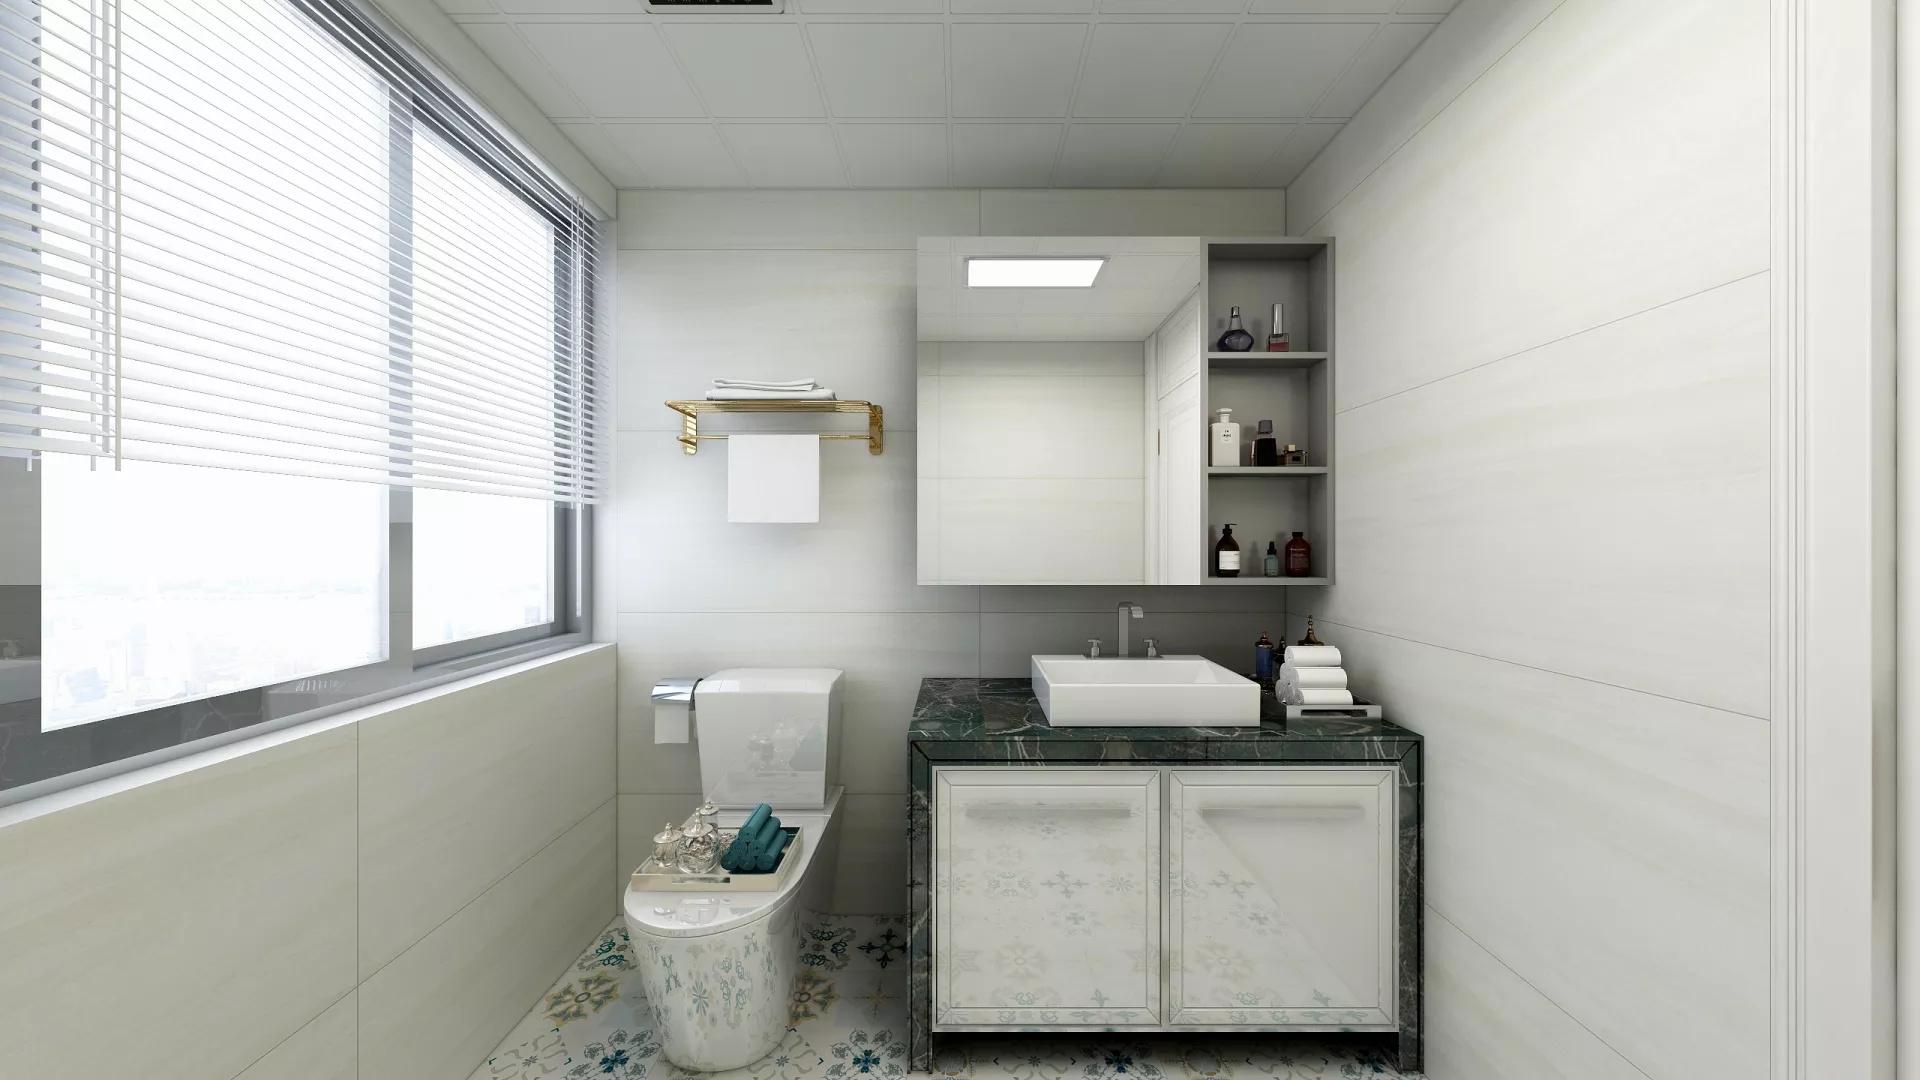 卫生间洁具的安装风水宜忌